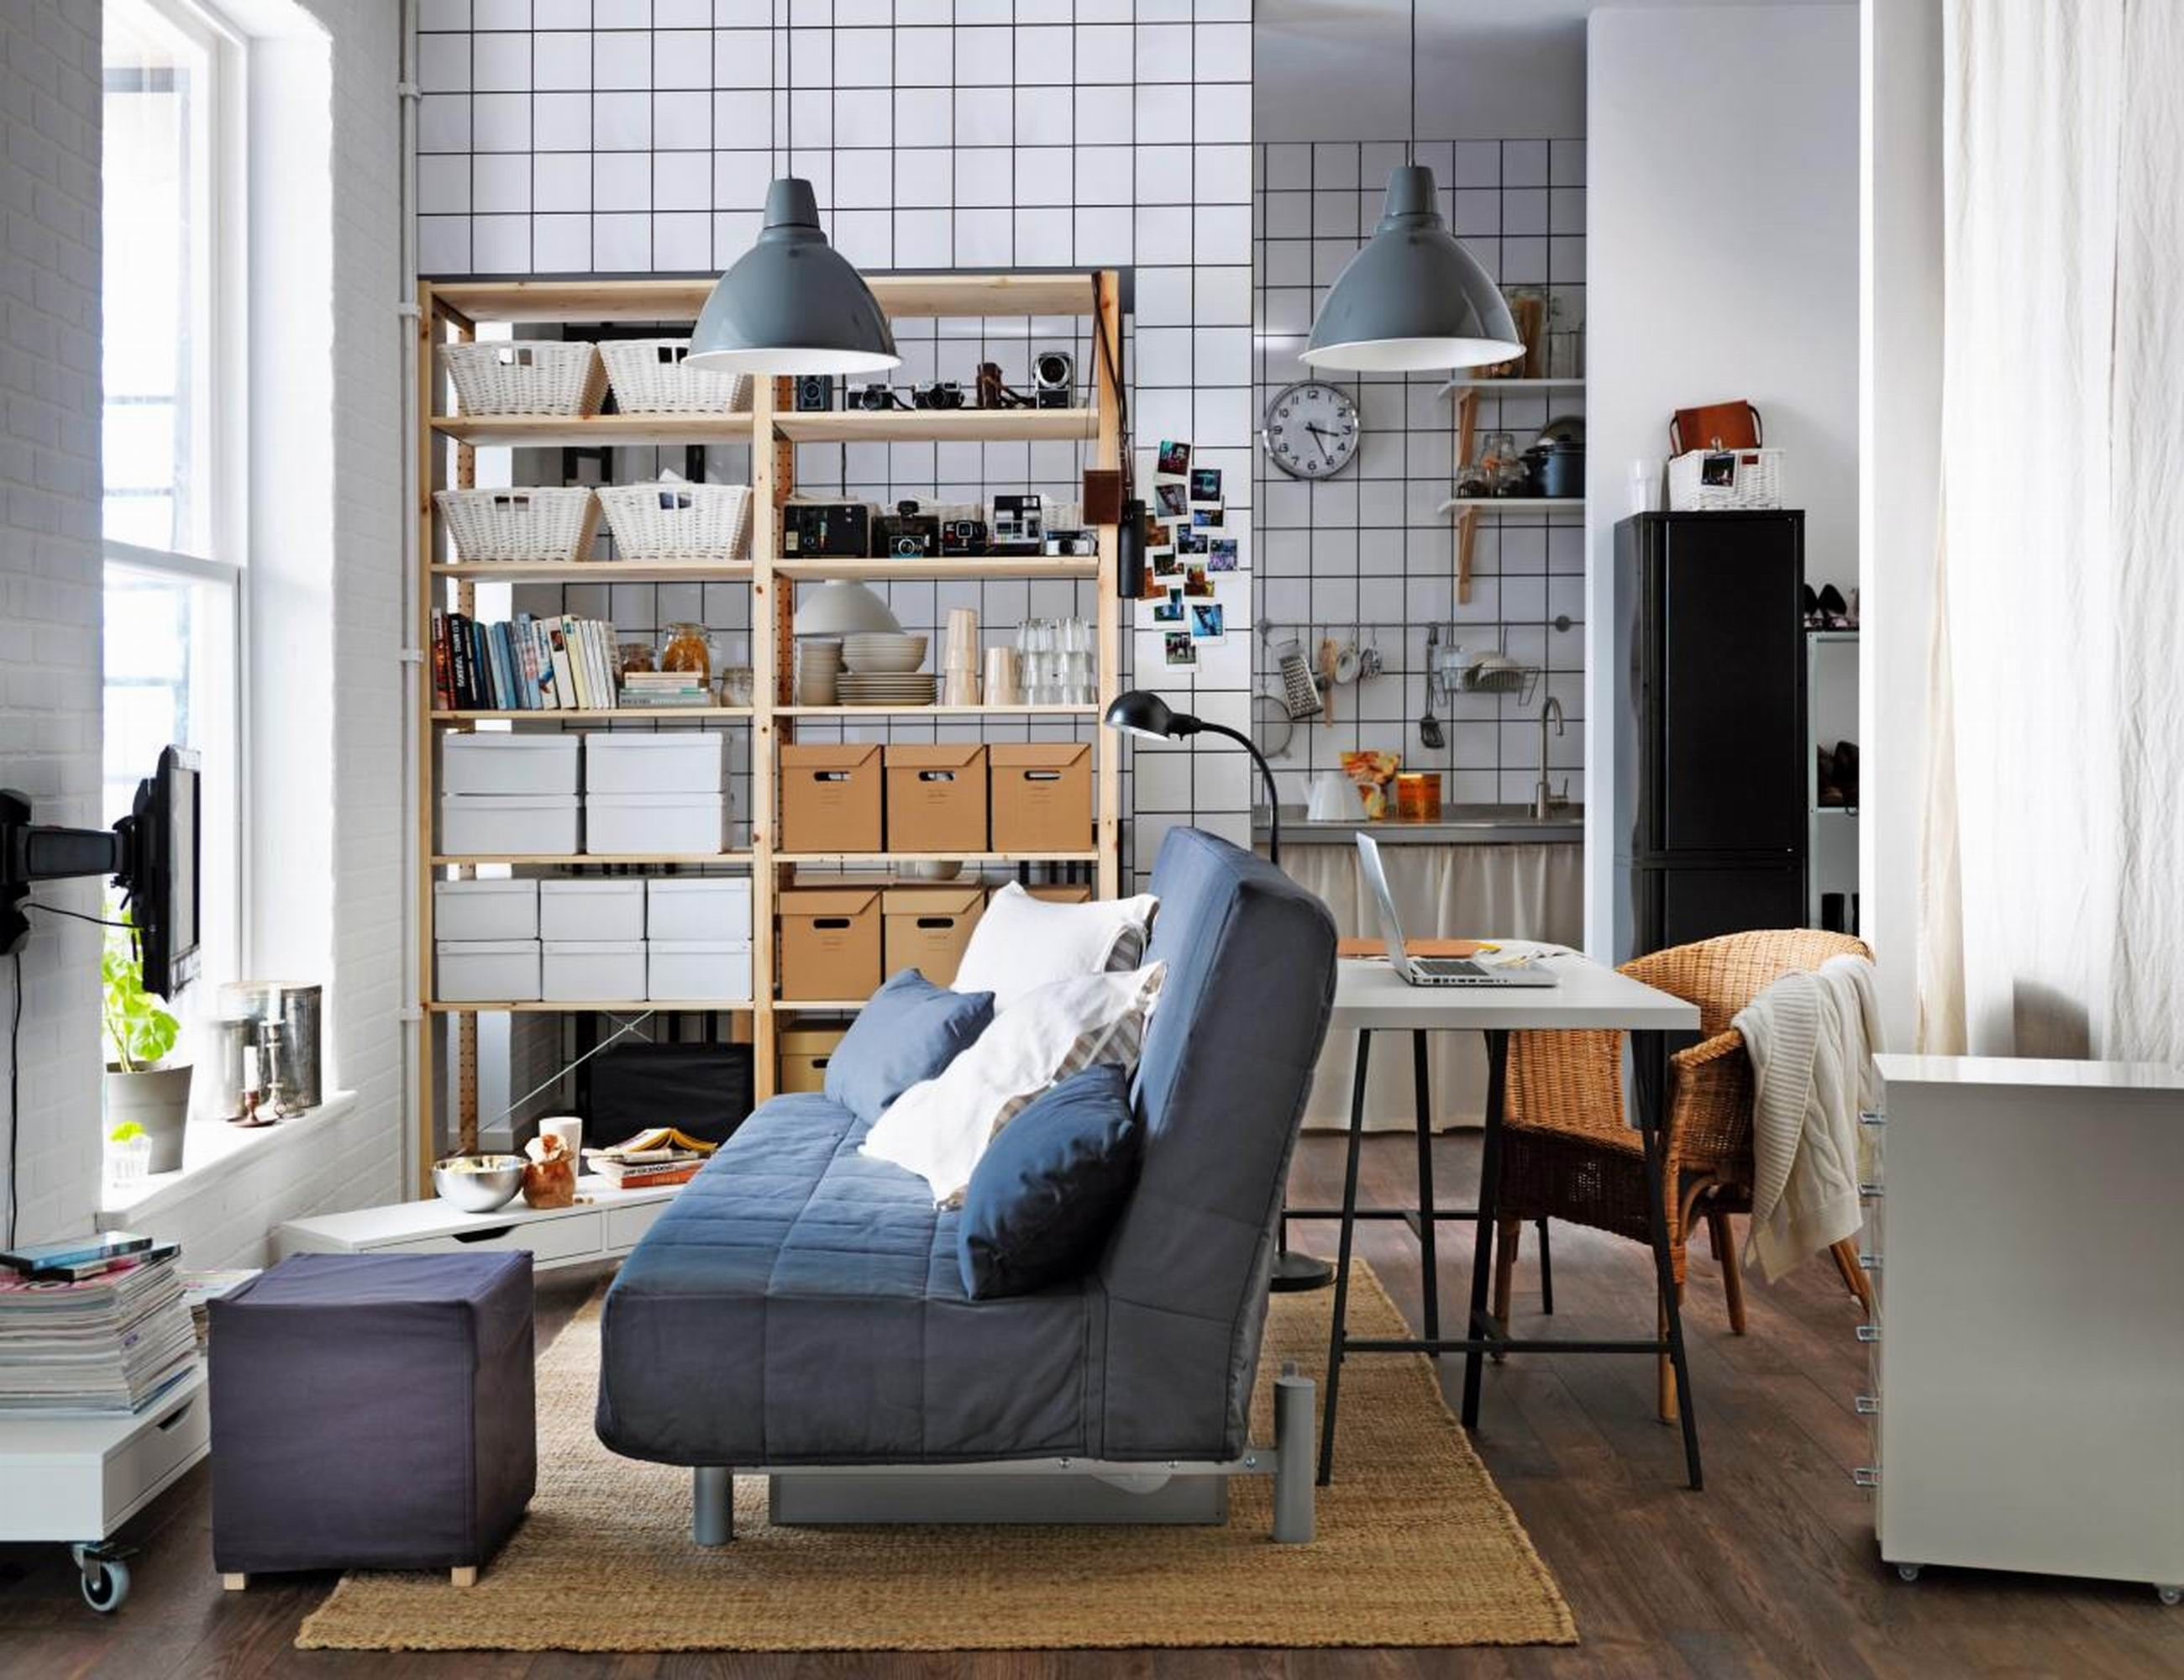 Kleines 2 schlafzimmer hausdesign kleines wohnzimmer ideen ikea  nachtschränke in das moderne